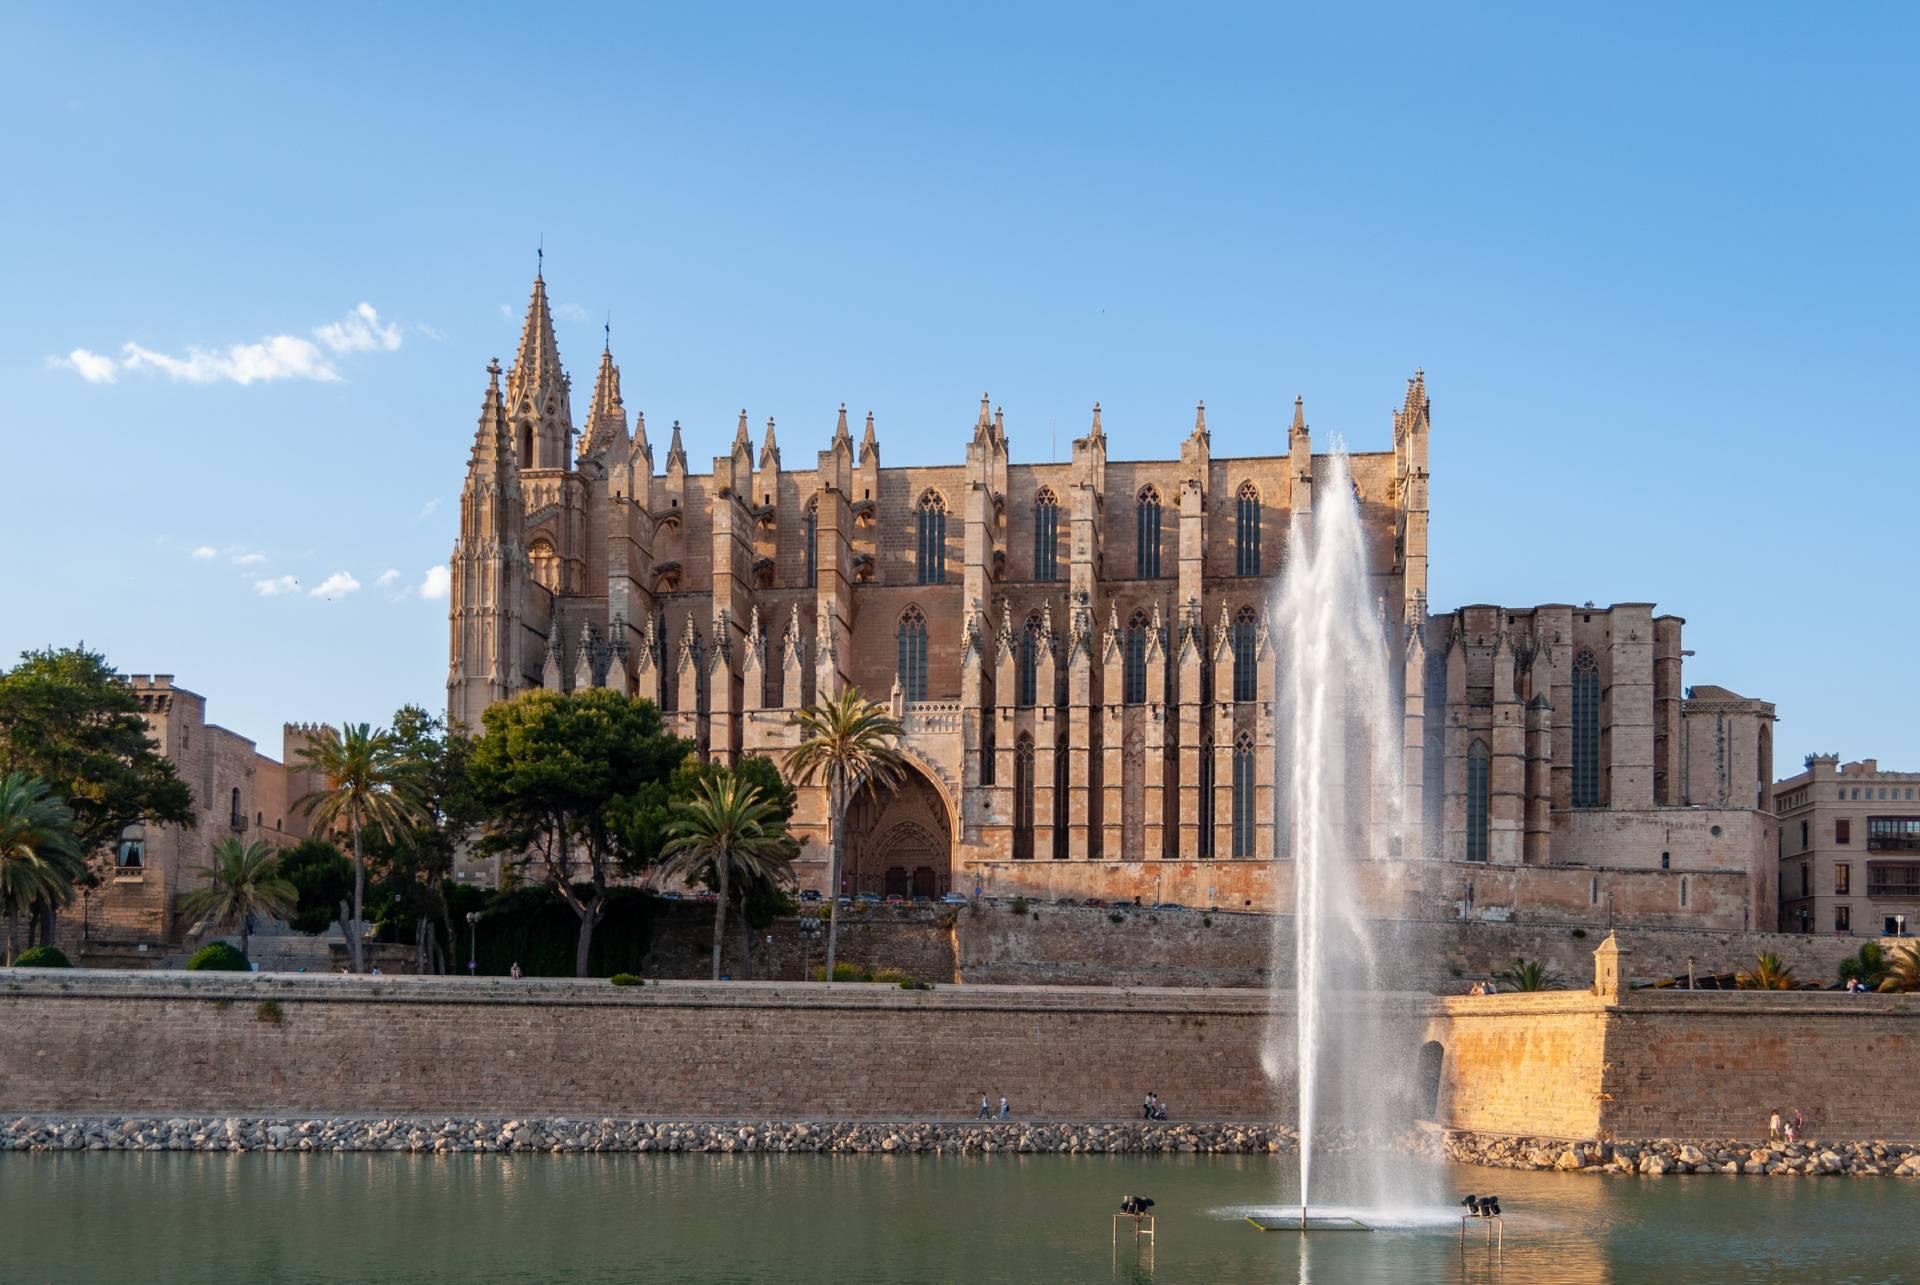 Visita la catedral de Mallorca